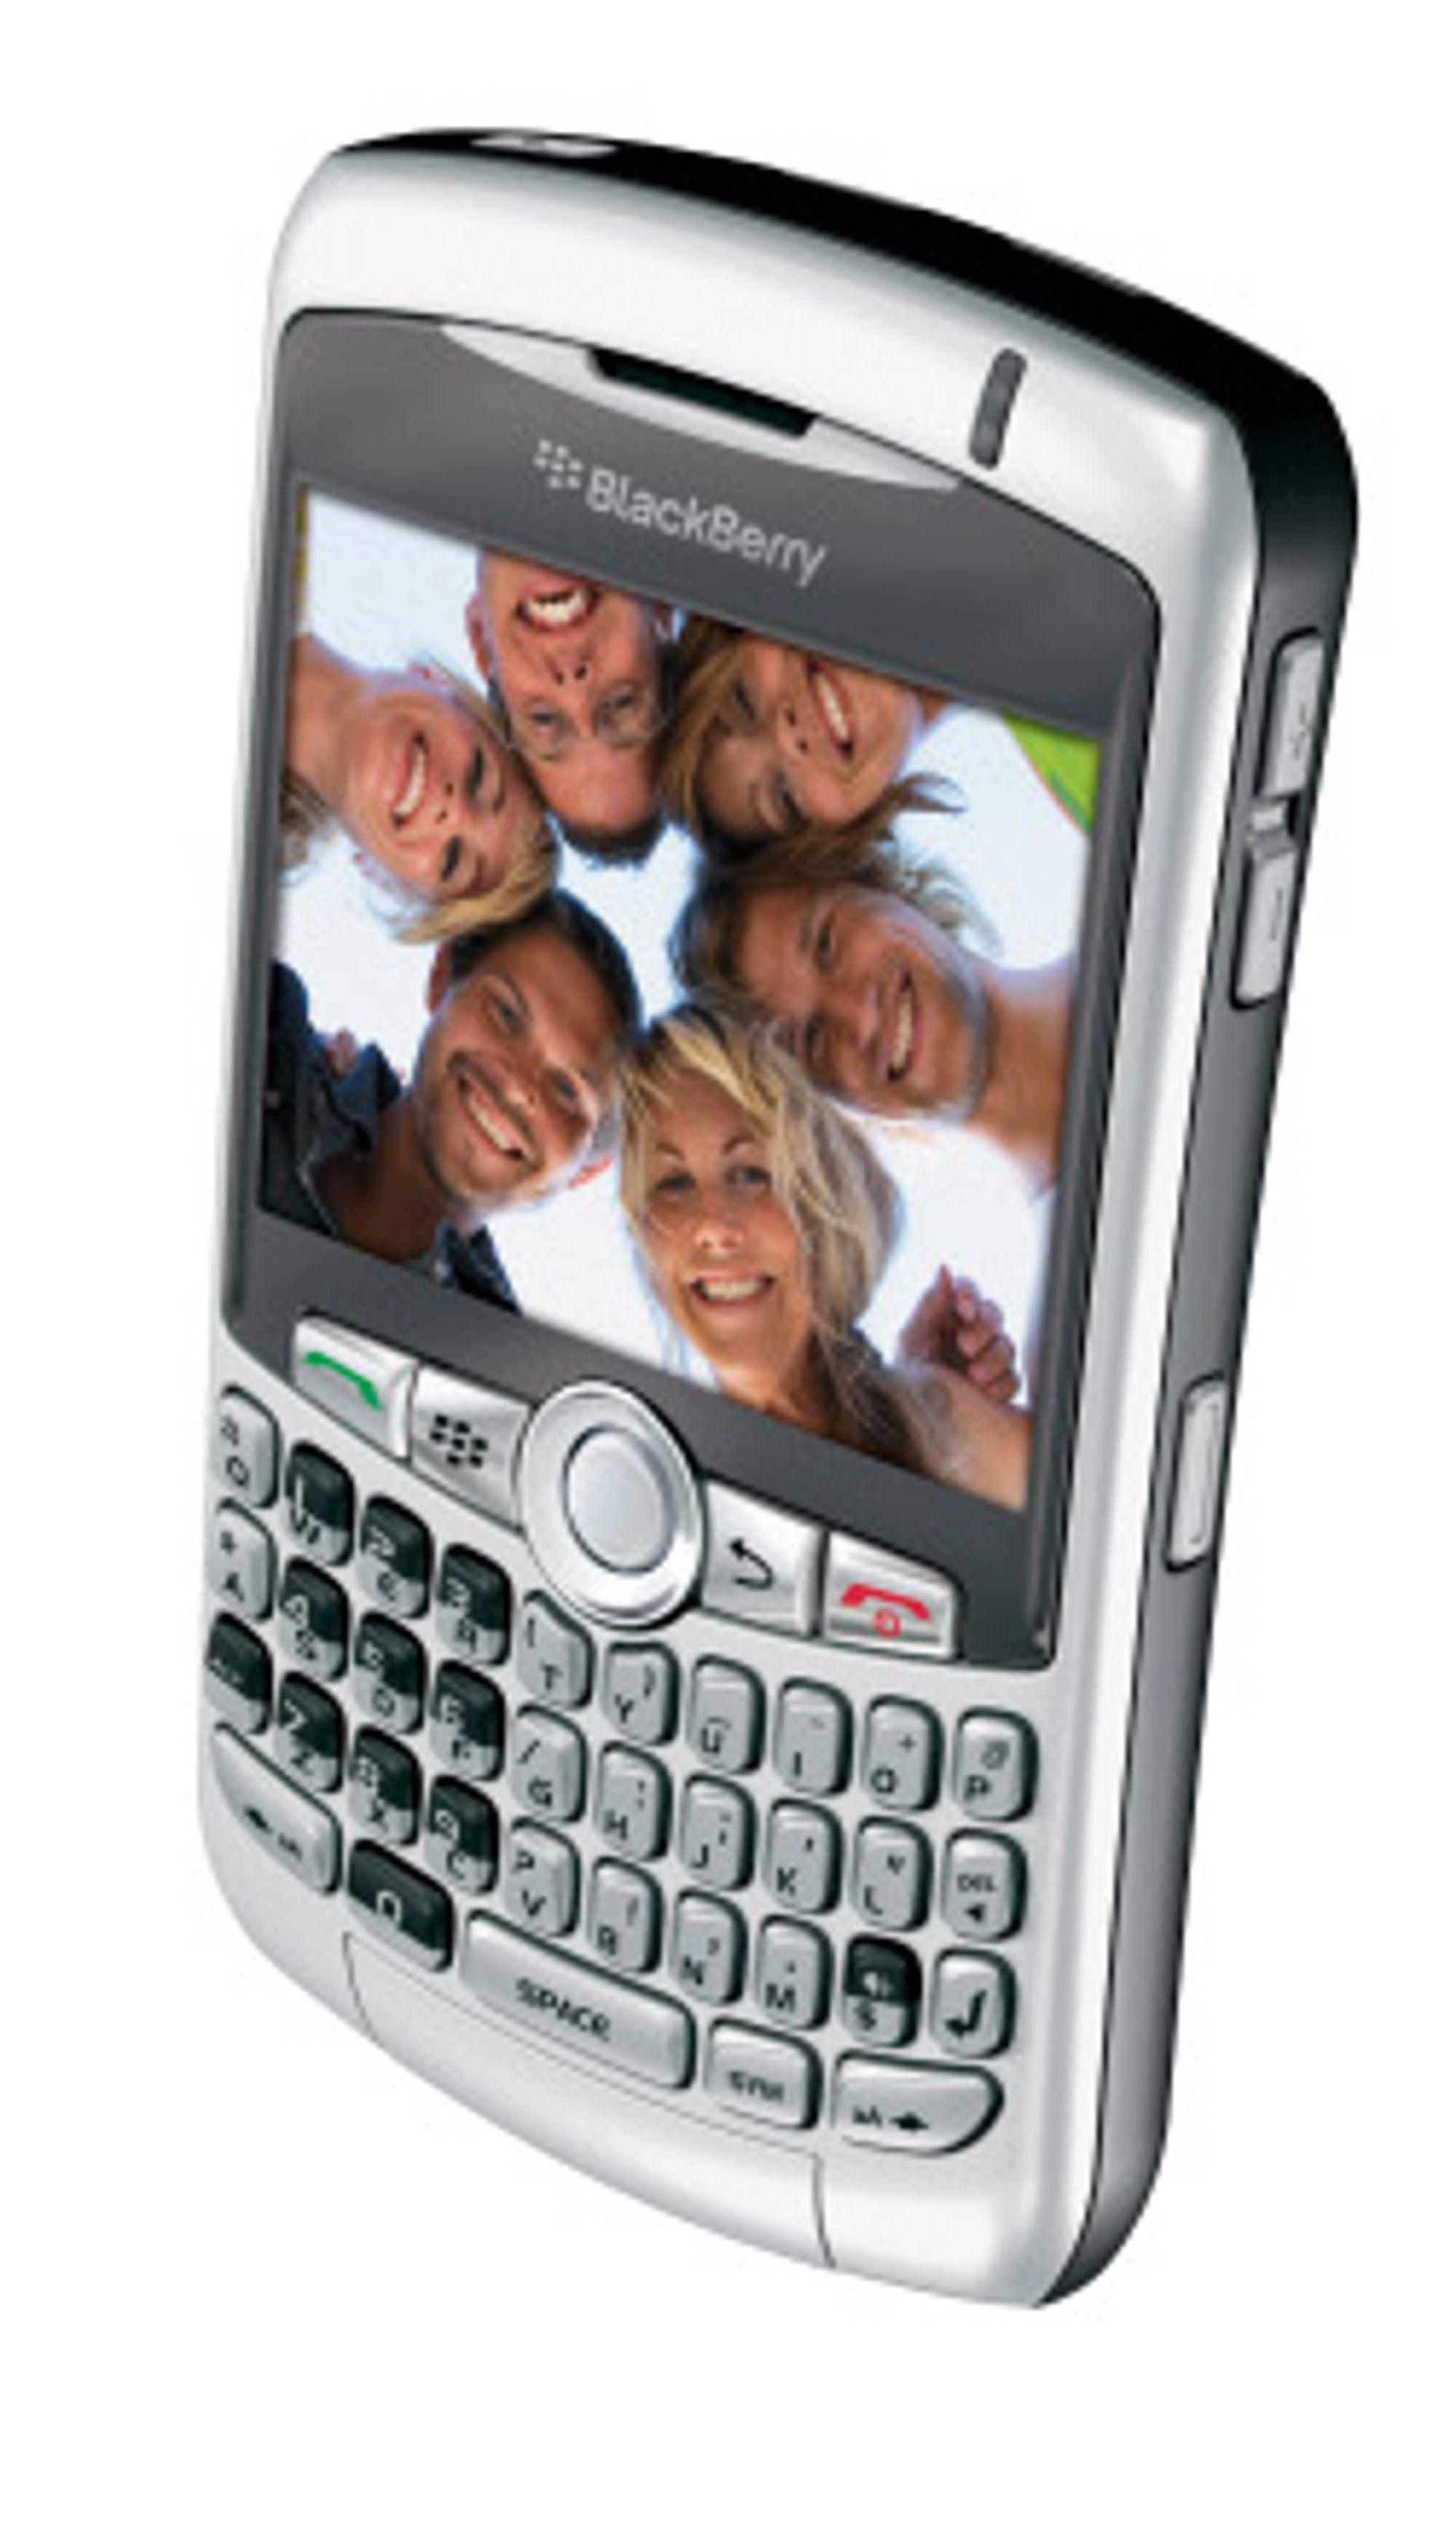 Denne mobilen er over dobbelt så dyr hos Trigcom som hos TDC.